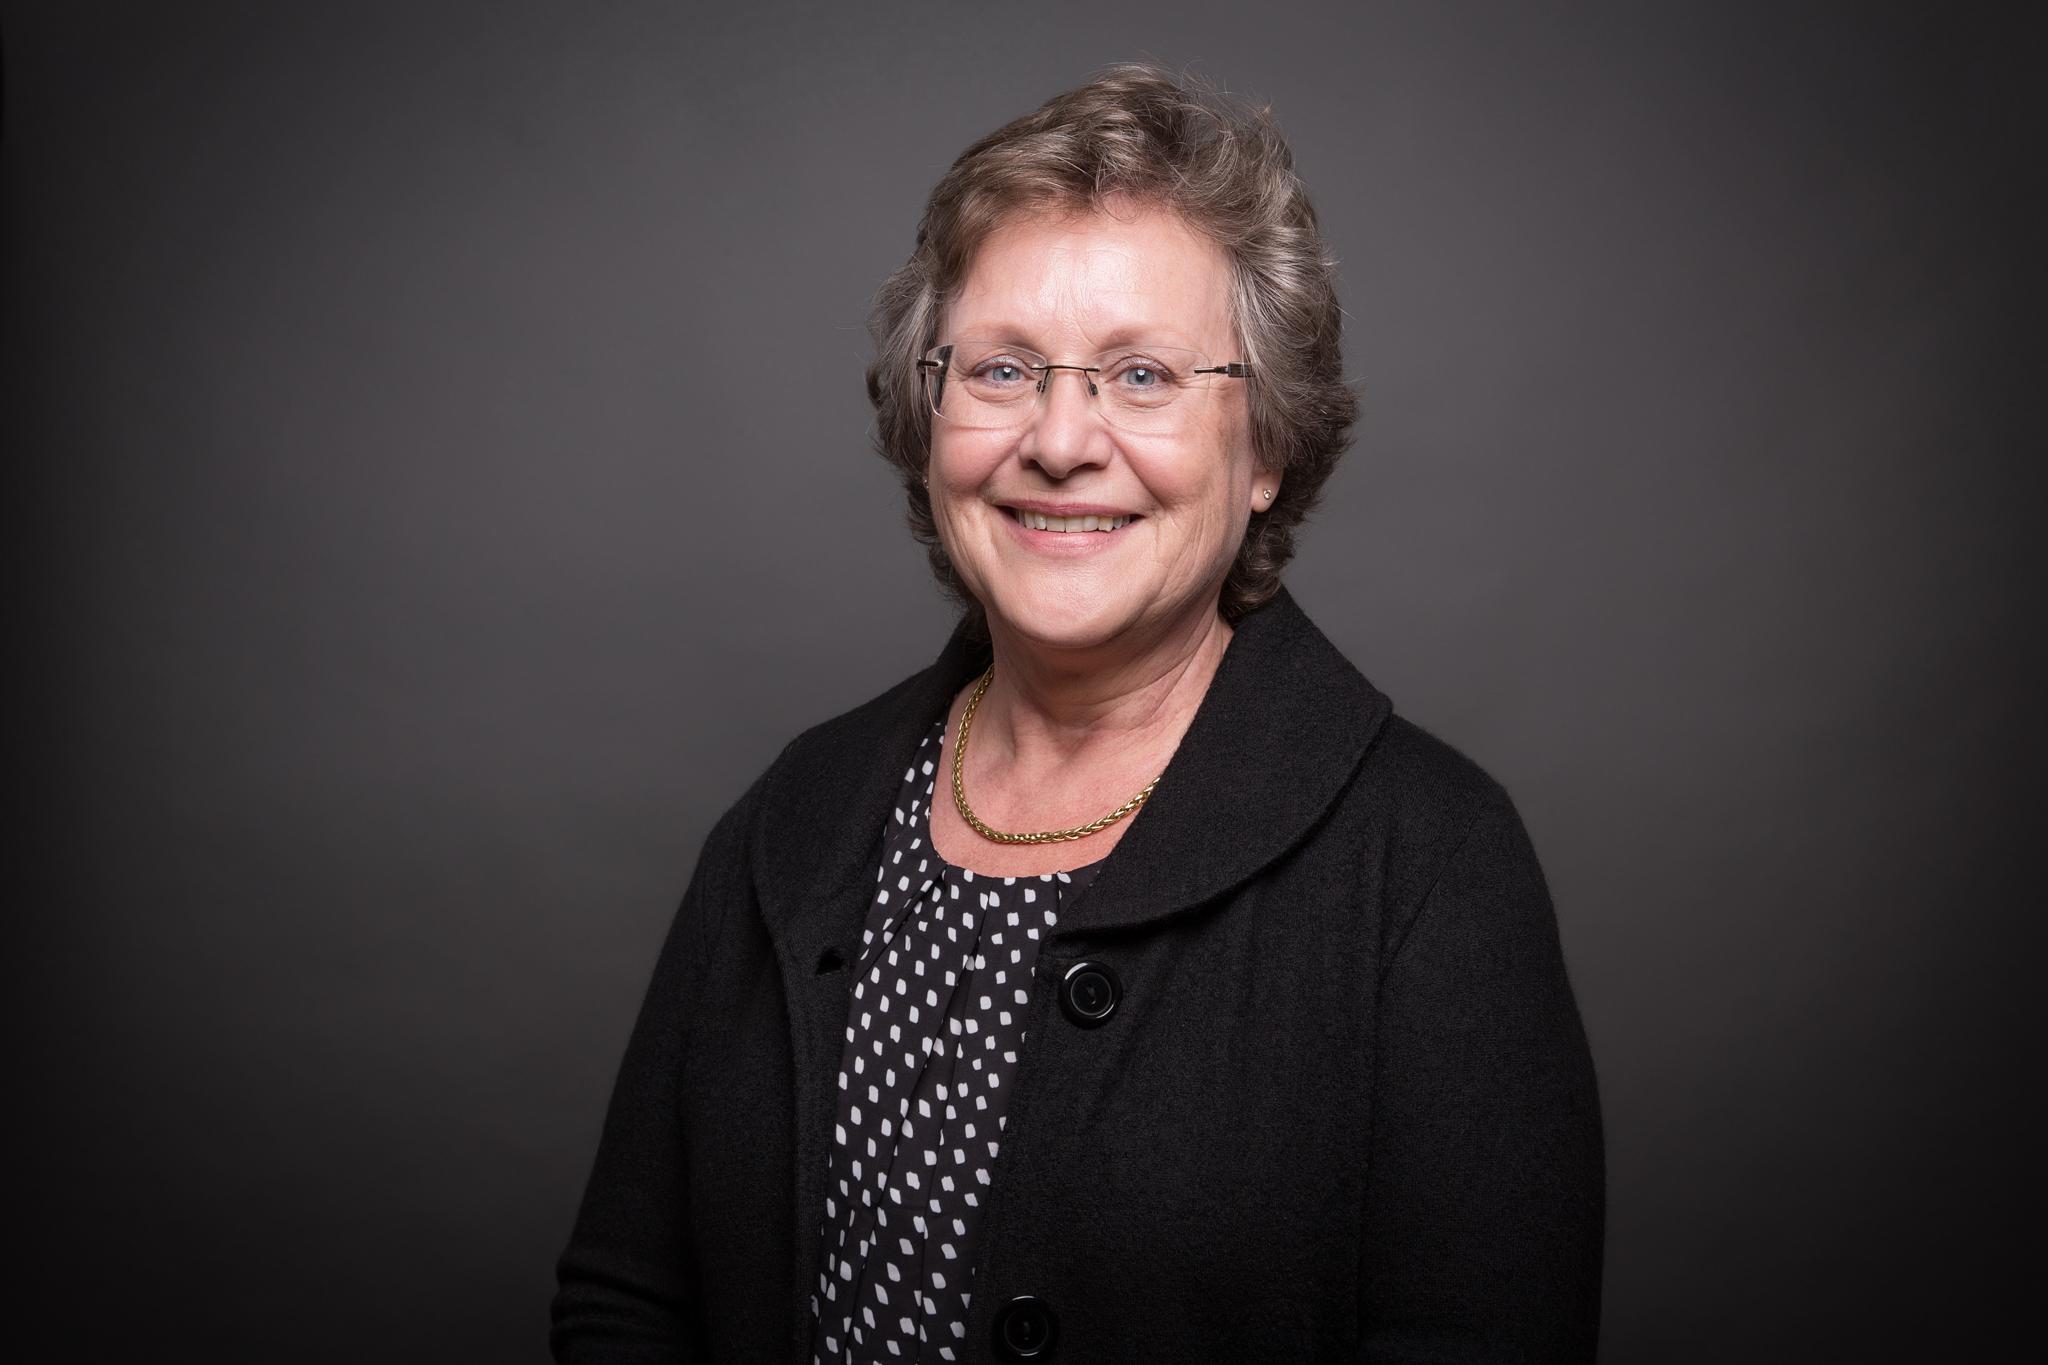 Gaby Klein